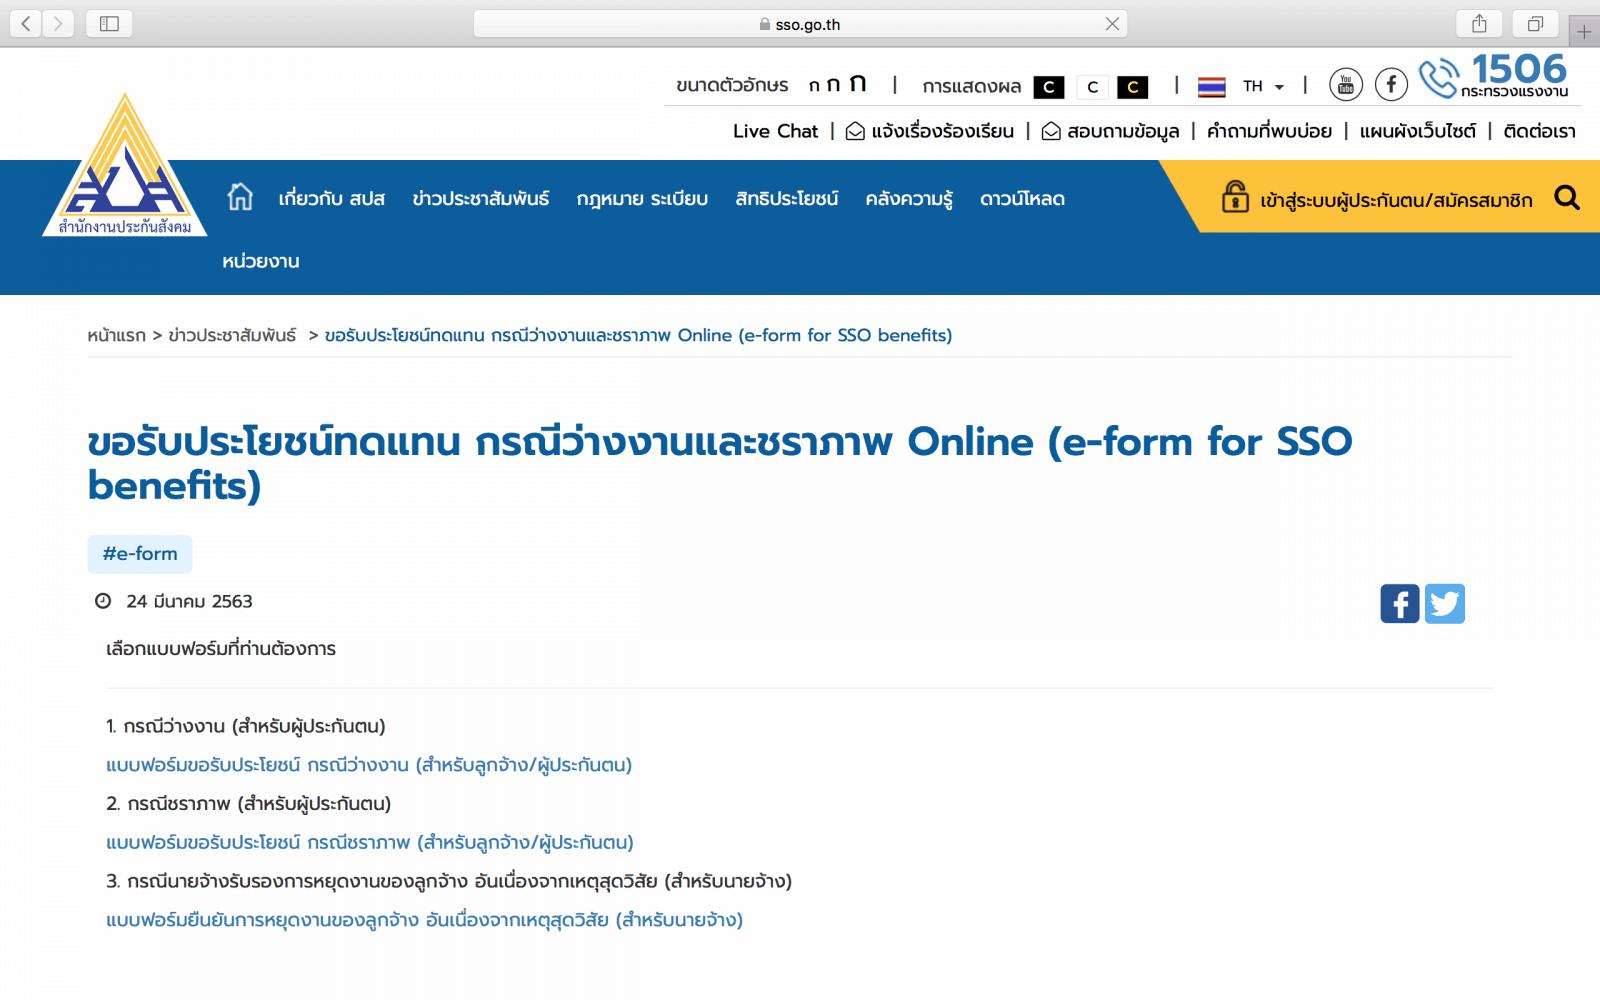 [วิธีลงทะเบียน] ขอรับประโยชน์ทดแทน กรณีว่างงานและชราภาพ Online (e-form for SSO benefits) สำนักงานประกันสังคม สิทธิประโยชน์กรณีว่างงานเฉพาะผู้ประกันตนมาตรา 33 เท่านั้น